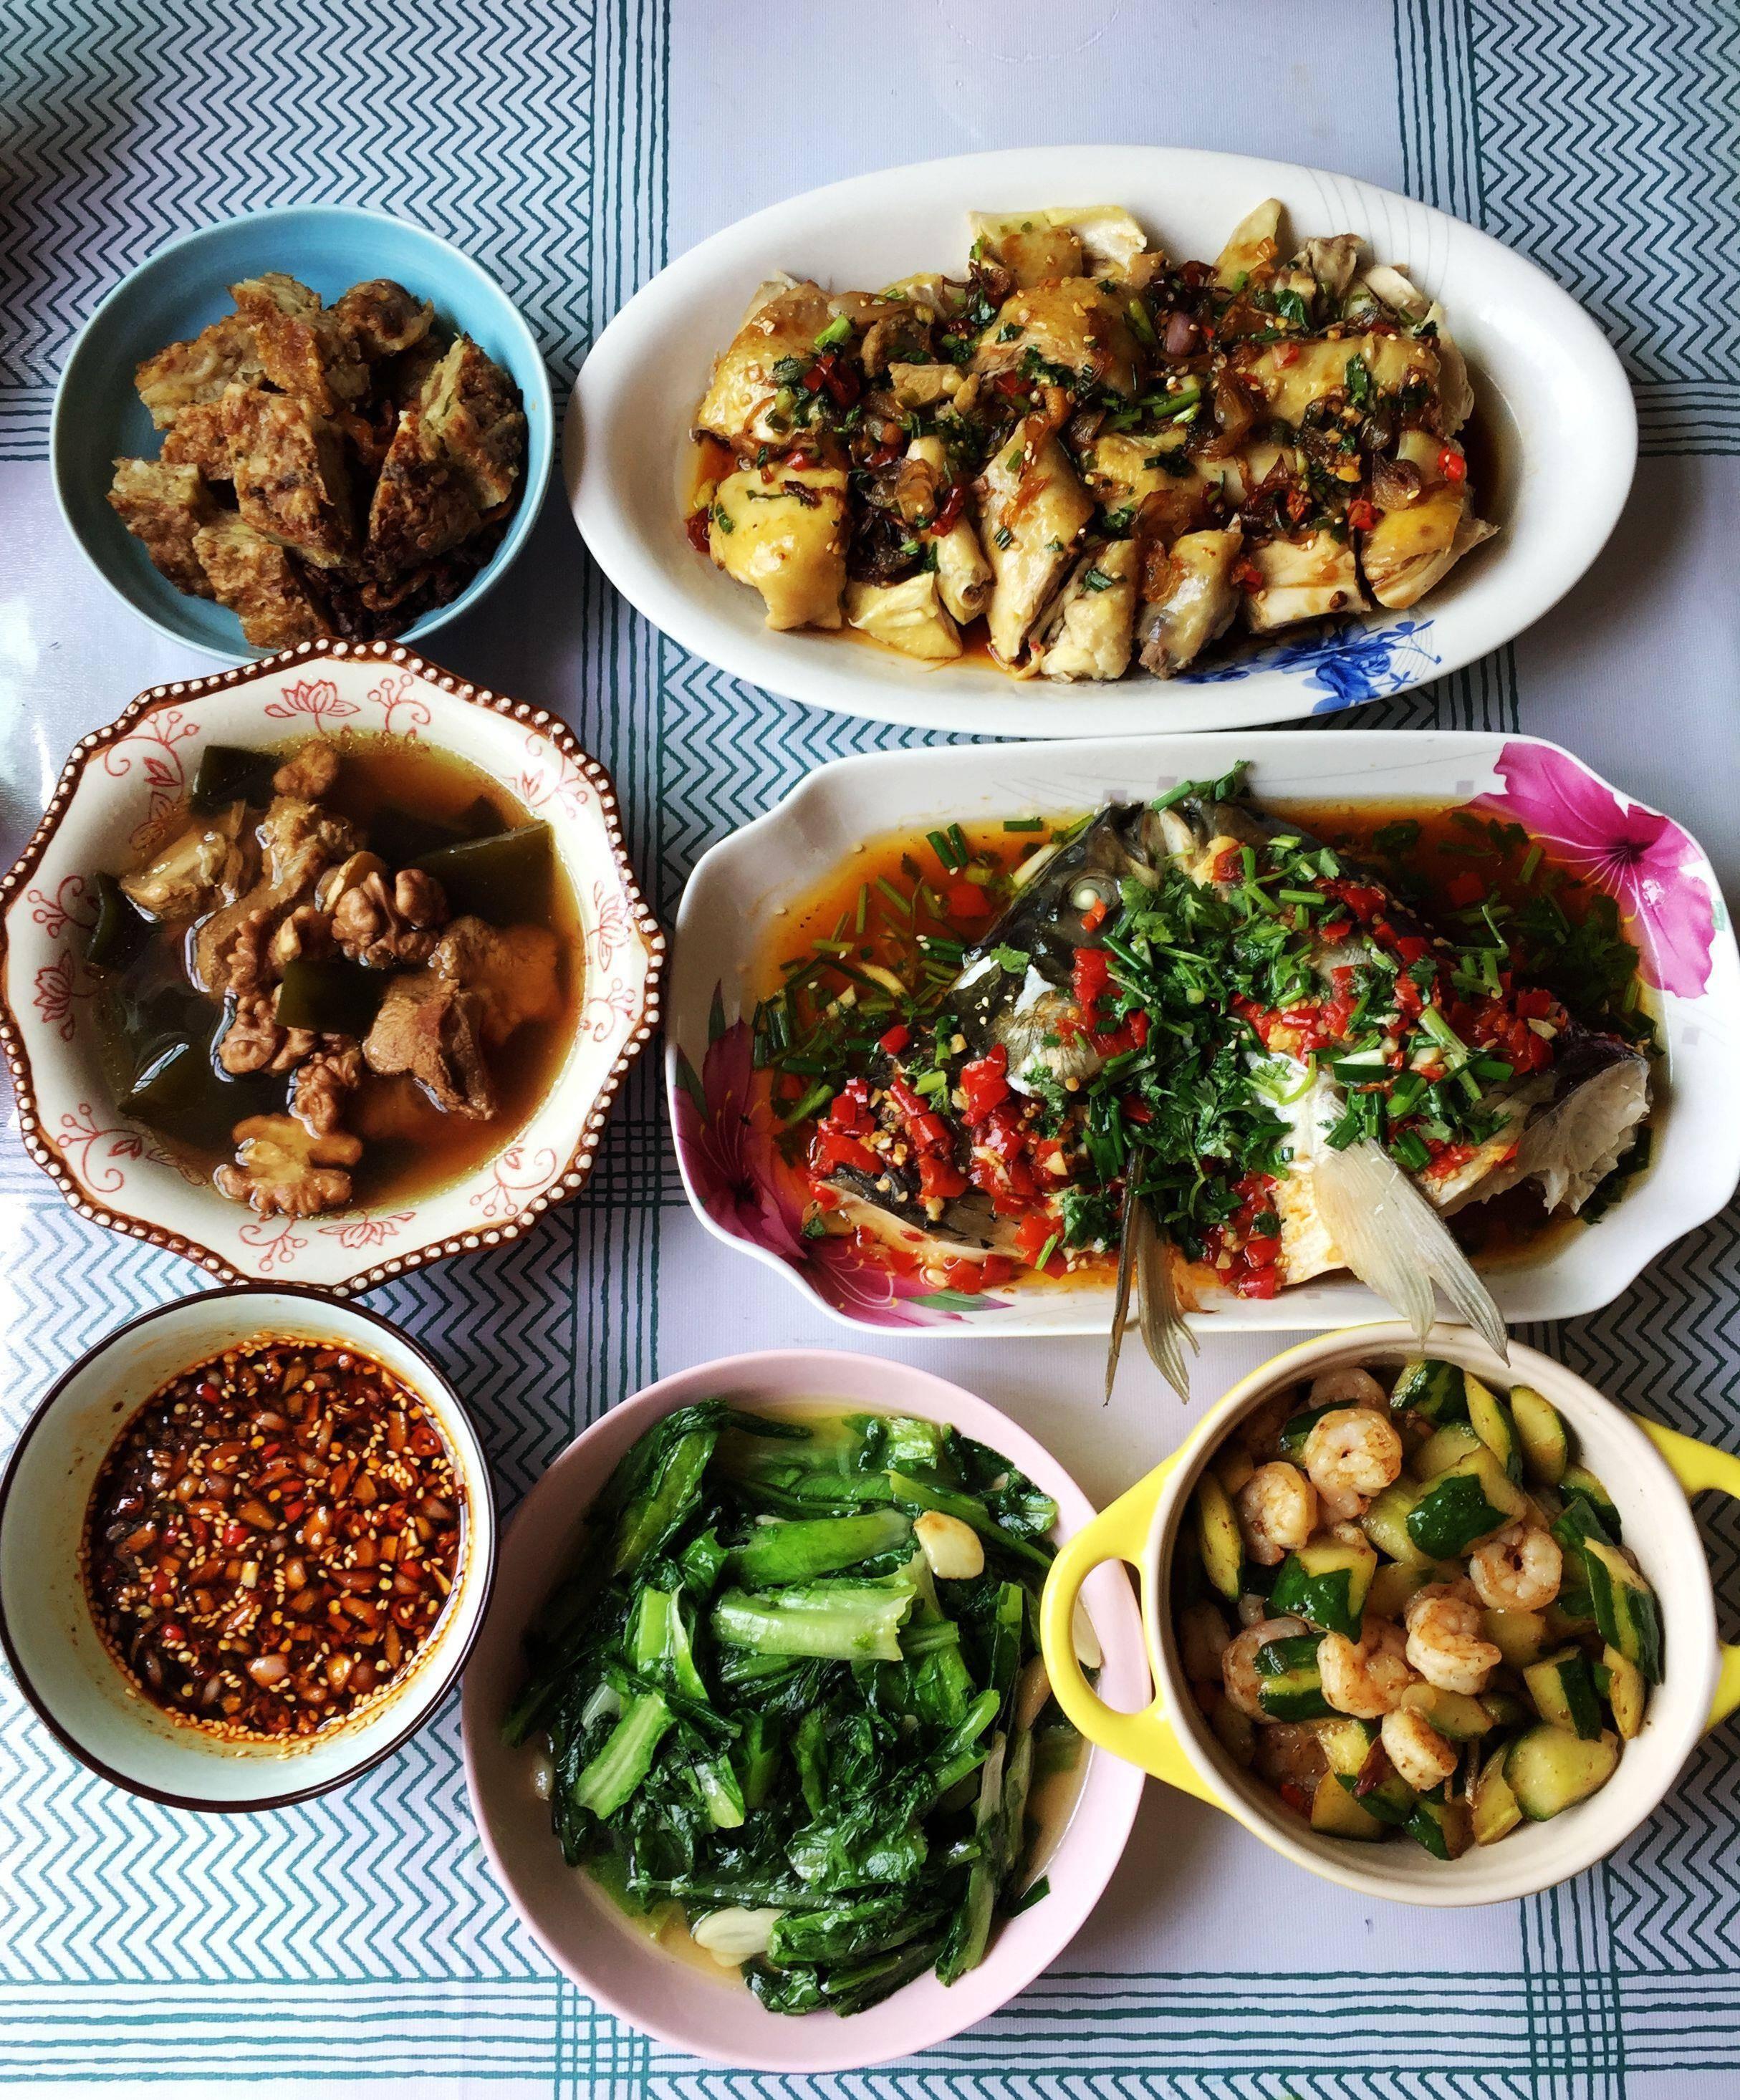 朋友来家里做客,青山学几道家常菜招待,朋友吃后说比饭店的还好吃  朋友来家里做客烧什么菜